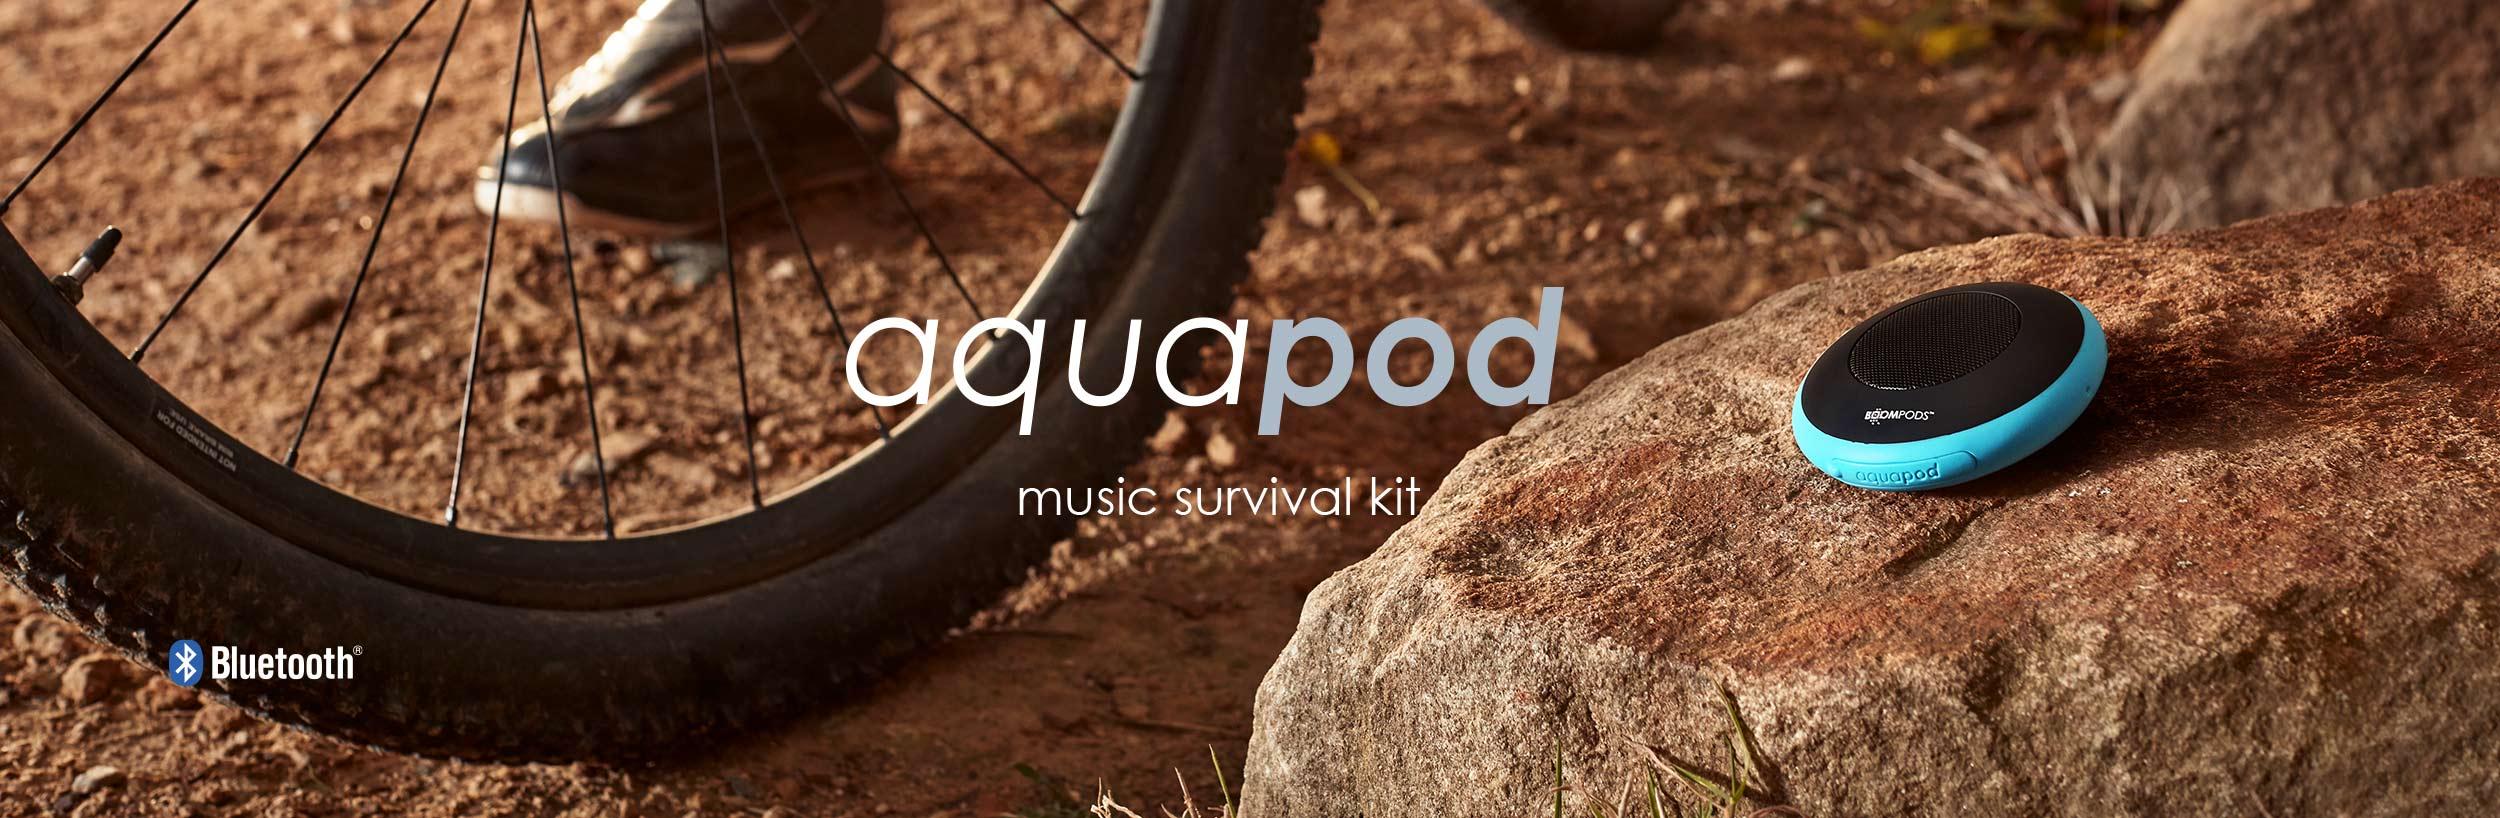 Boompods Aquapod